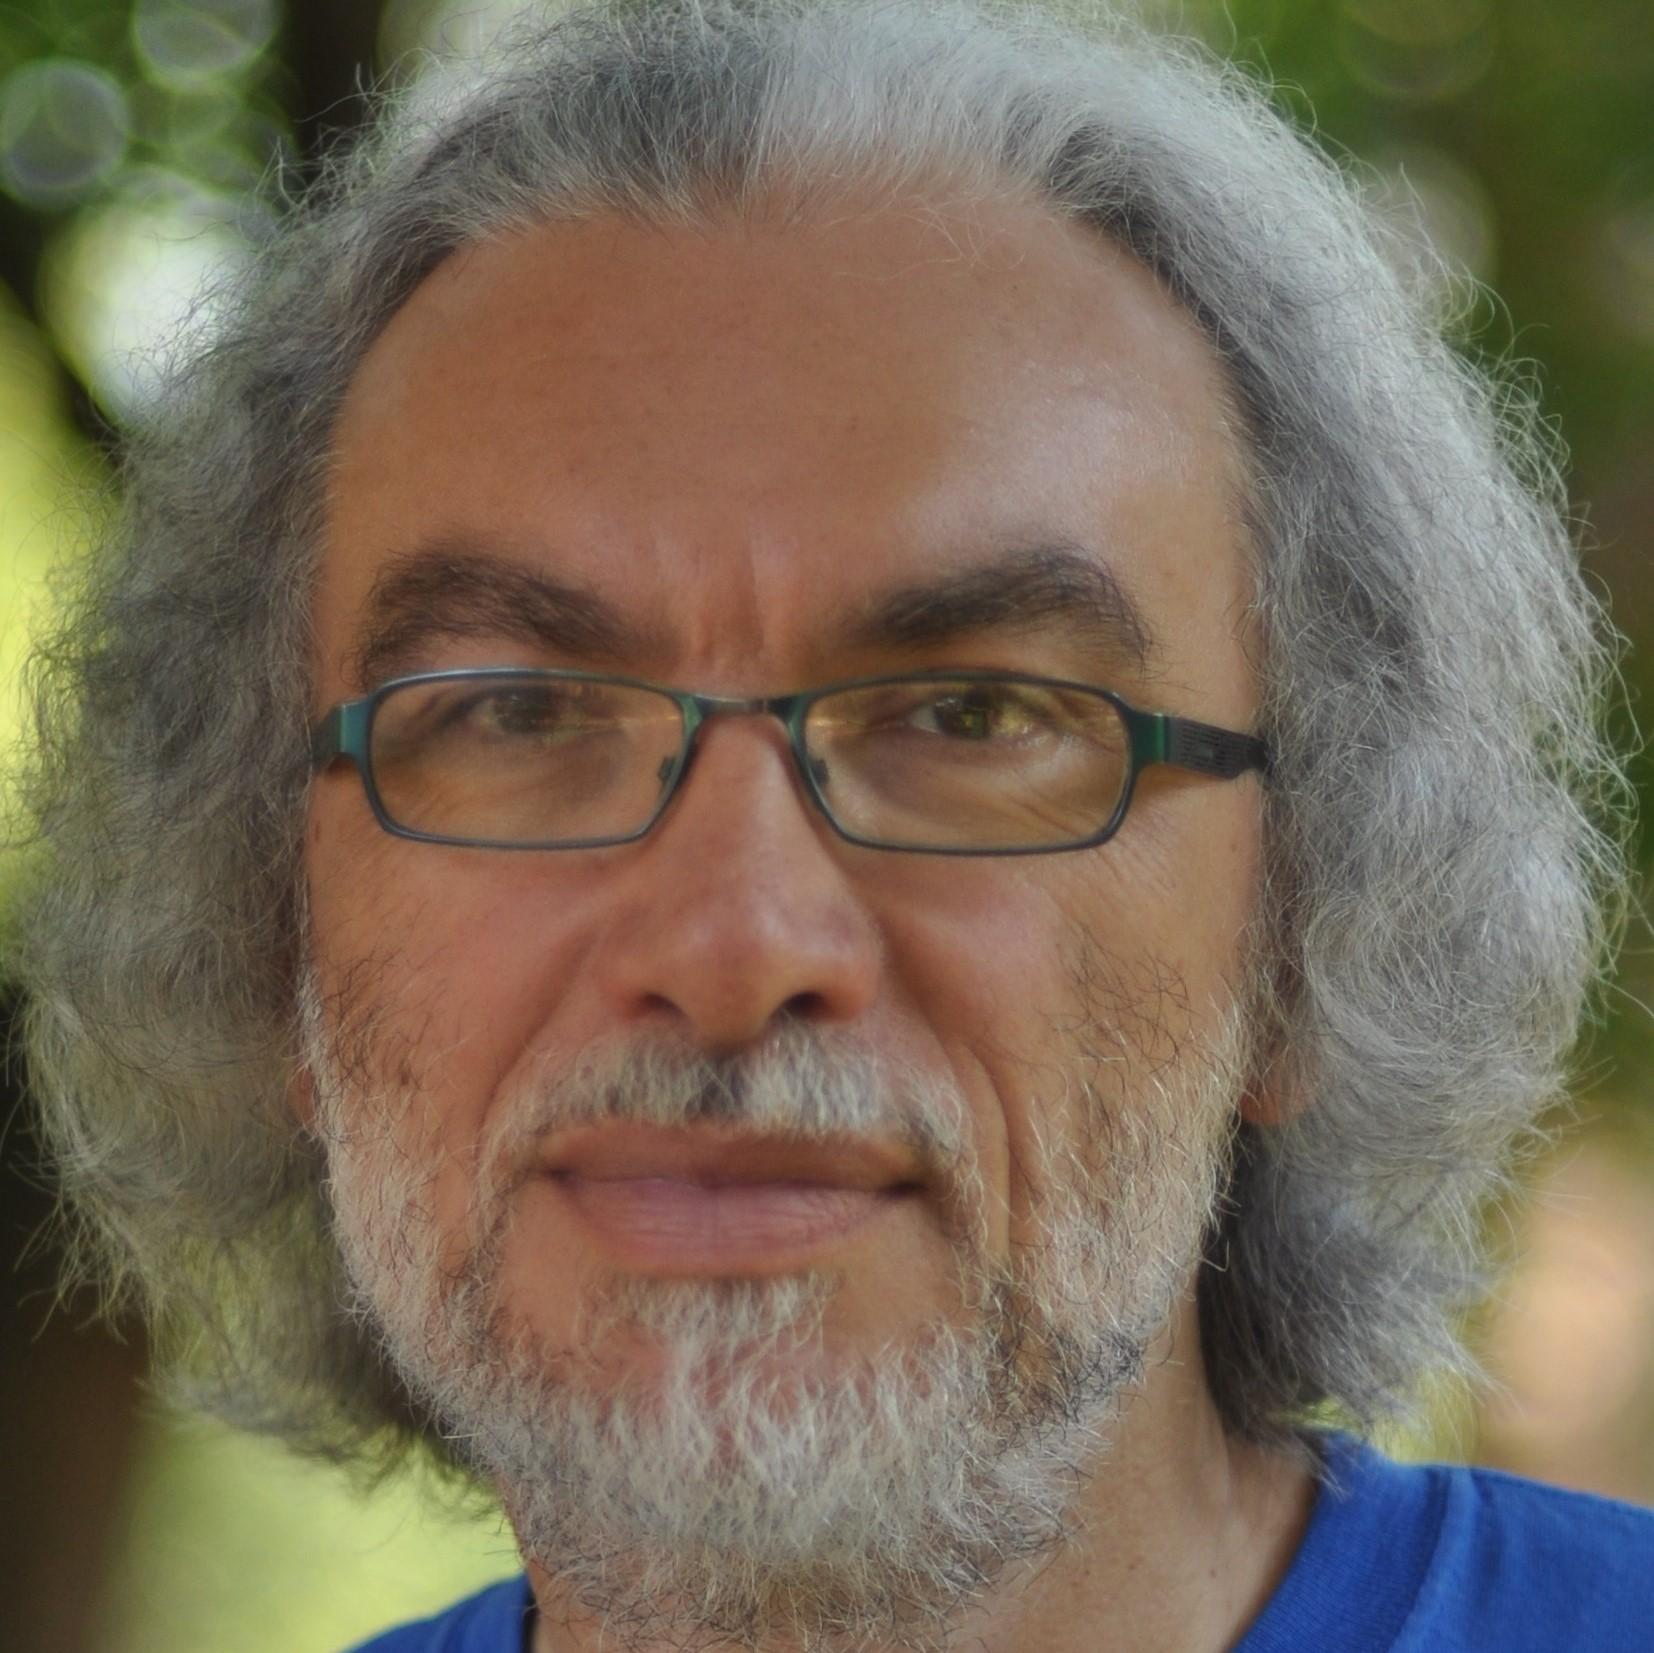 Klaus Waiditschka